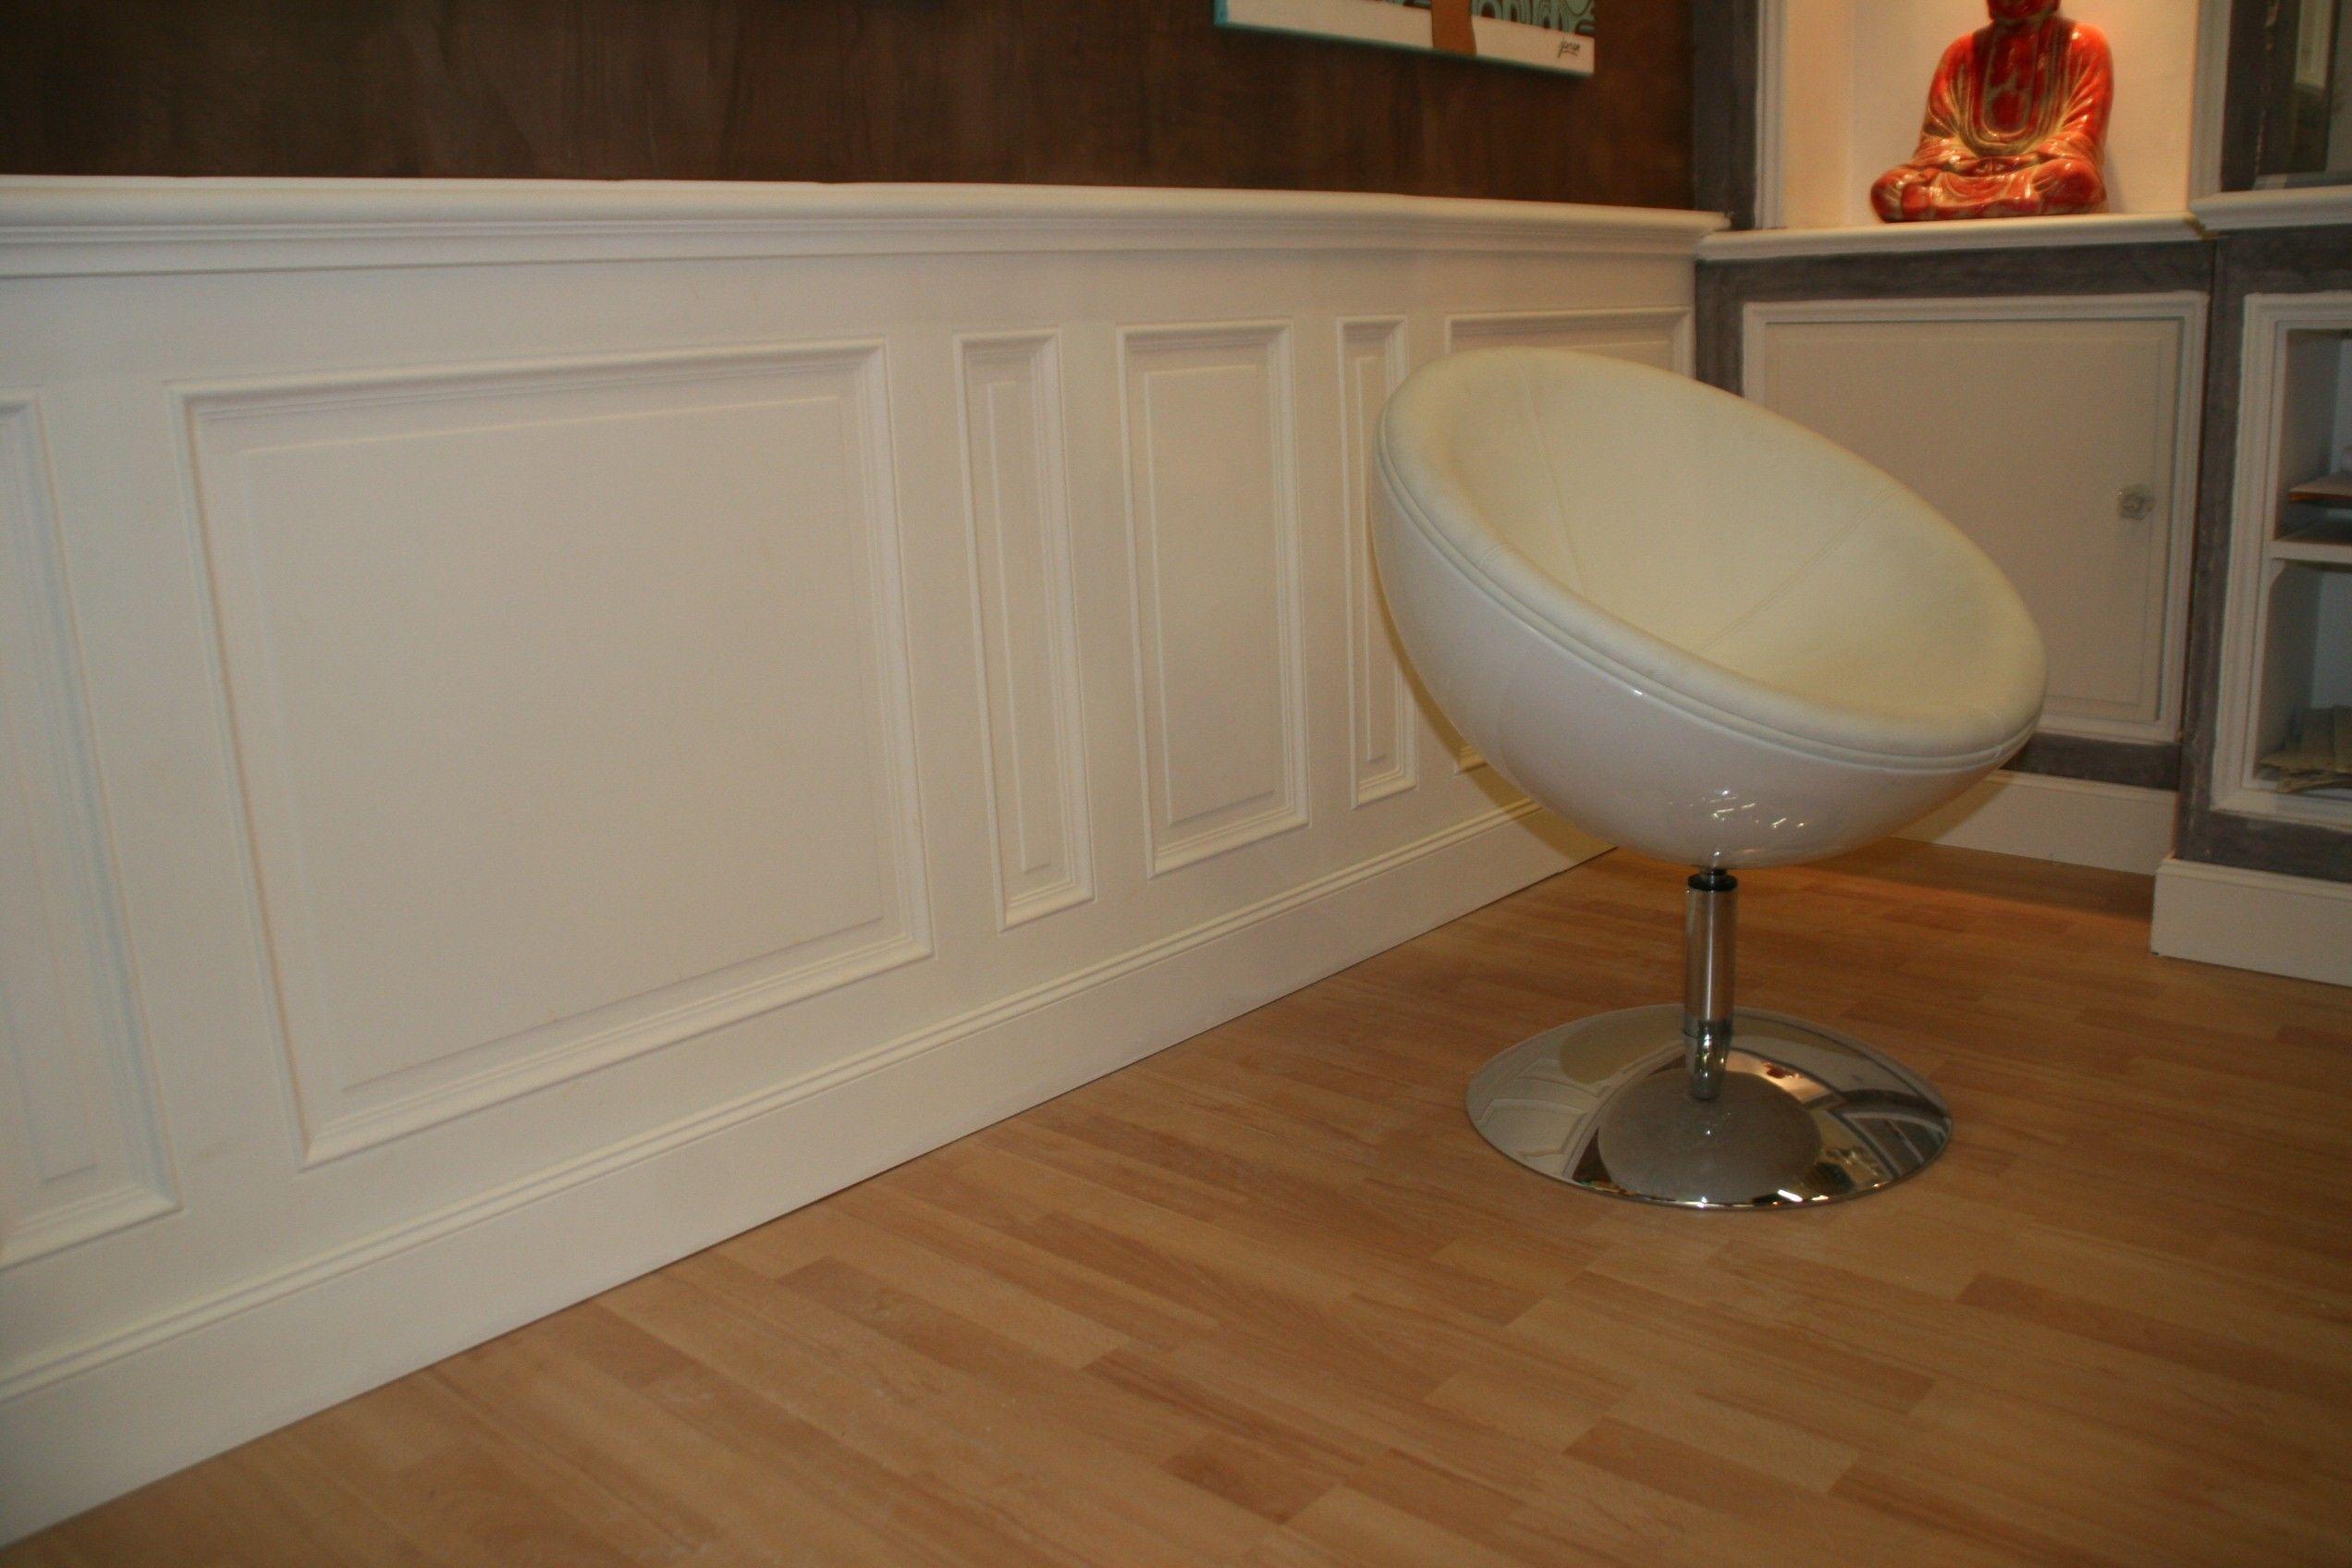 Pin by celine bertrand on idee salon retro pinterest - Panneaux decoratifs pour murs interieurs ...